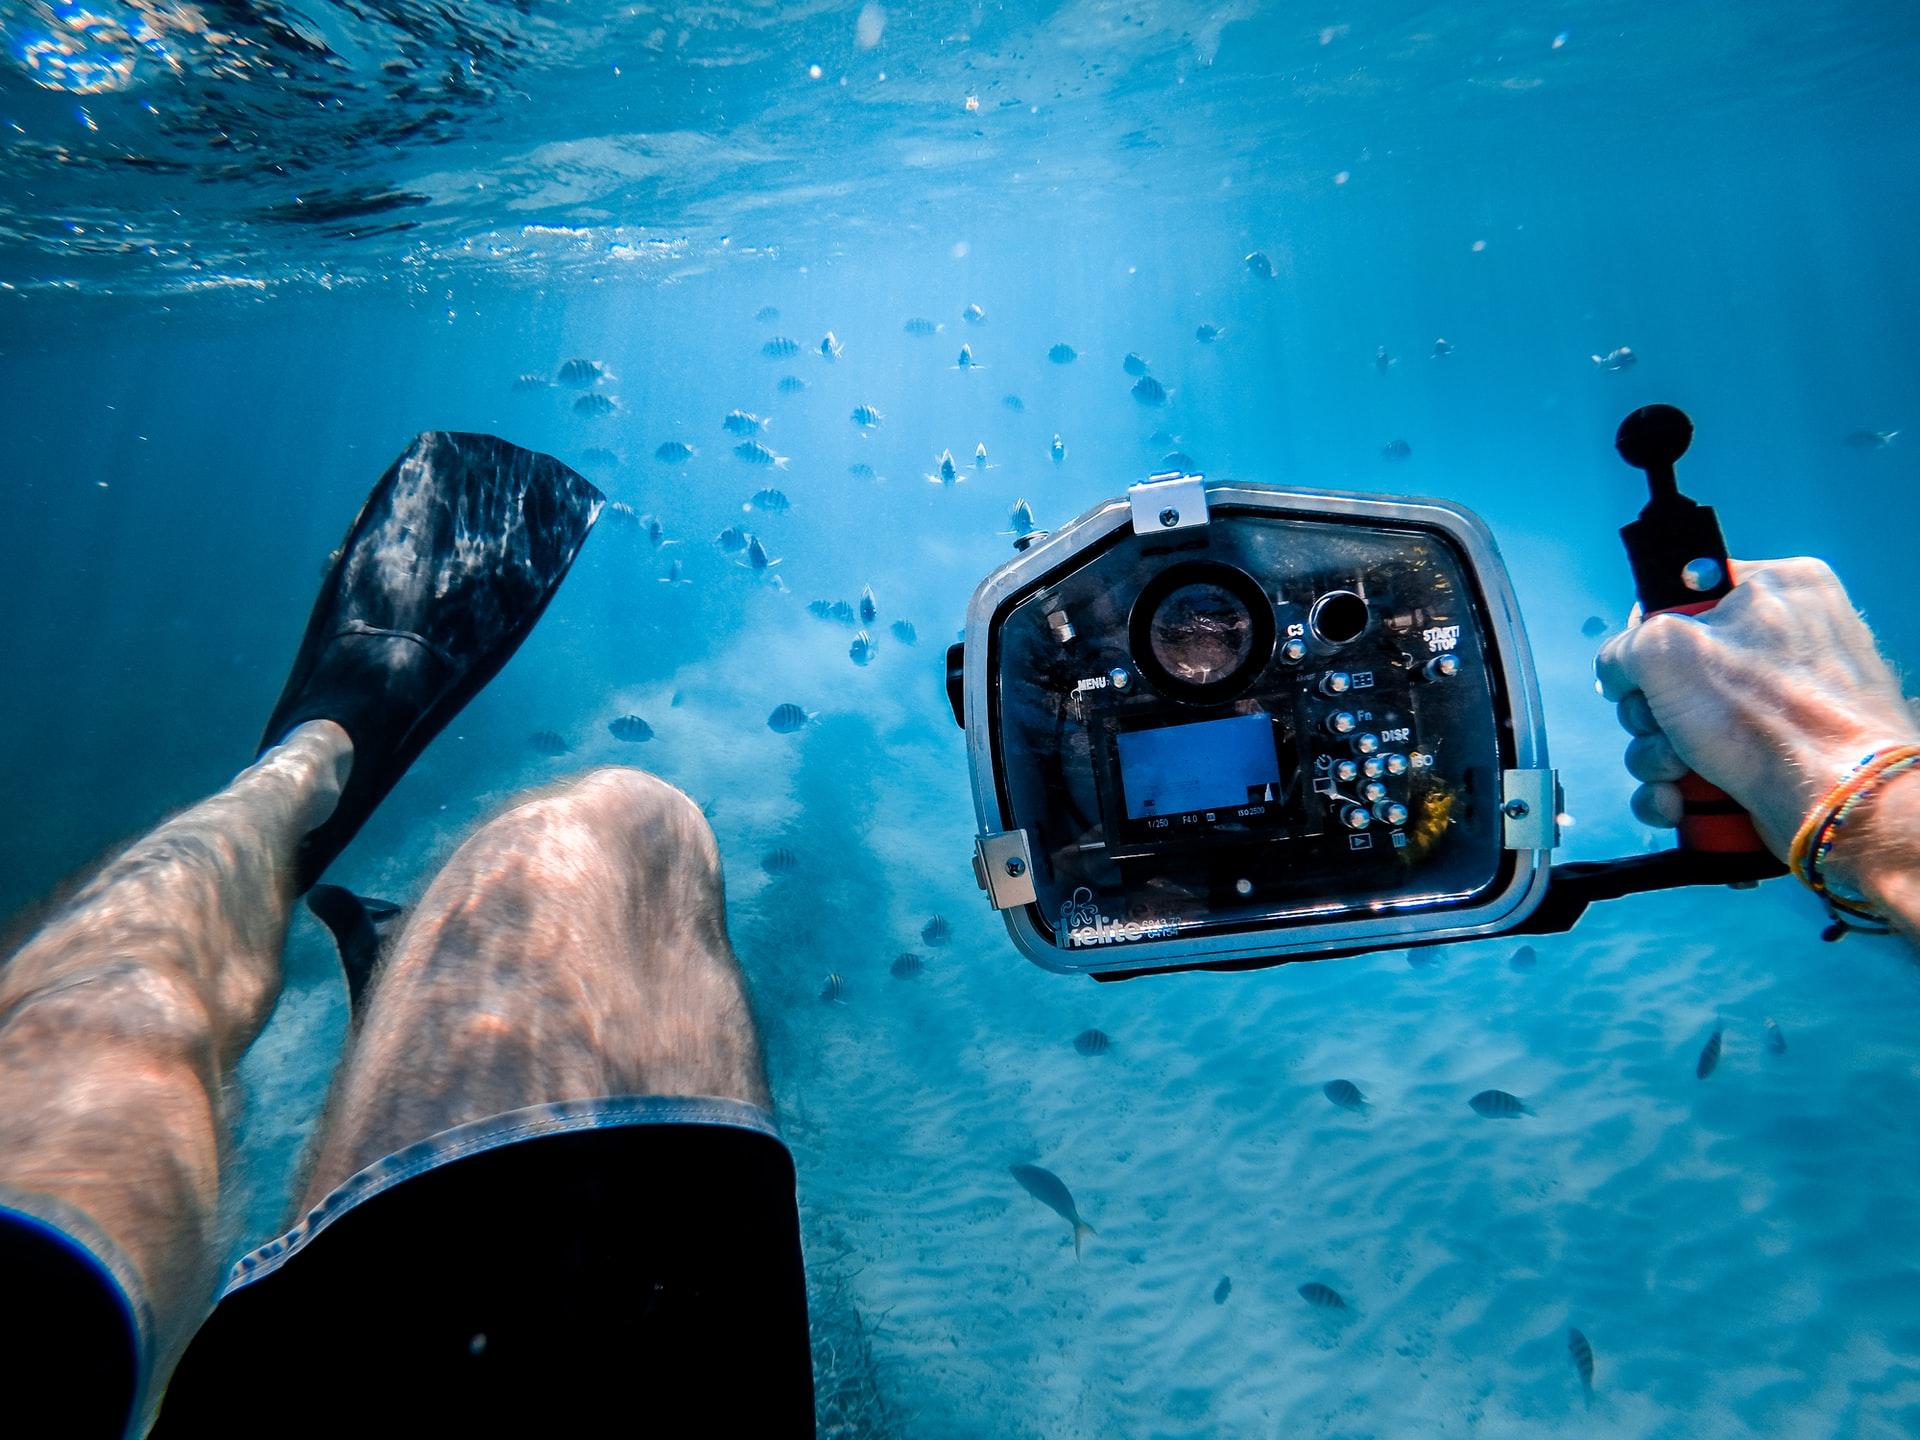 camera gear 6